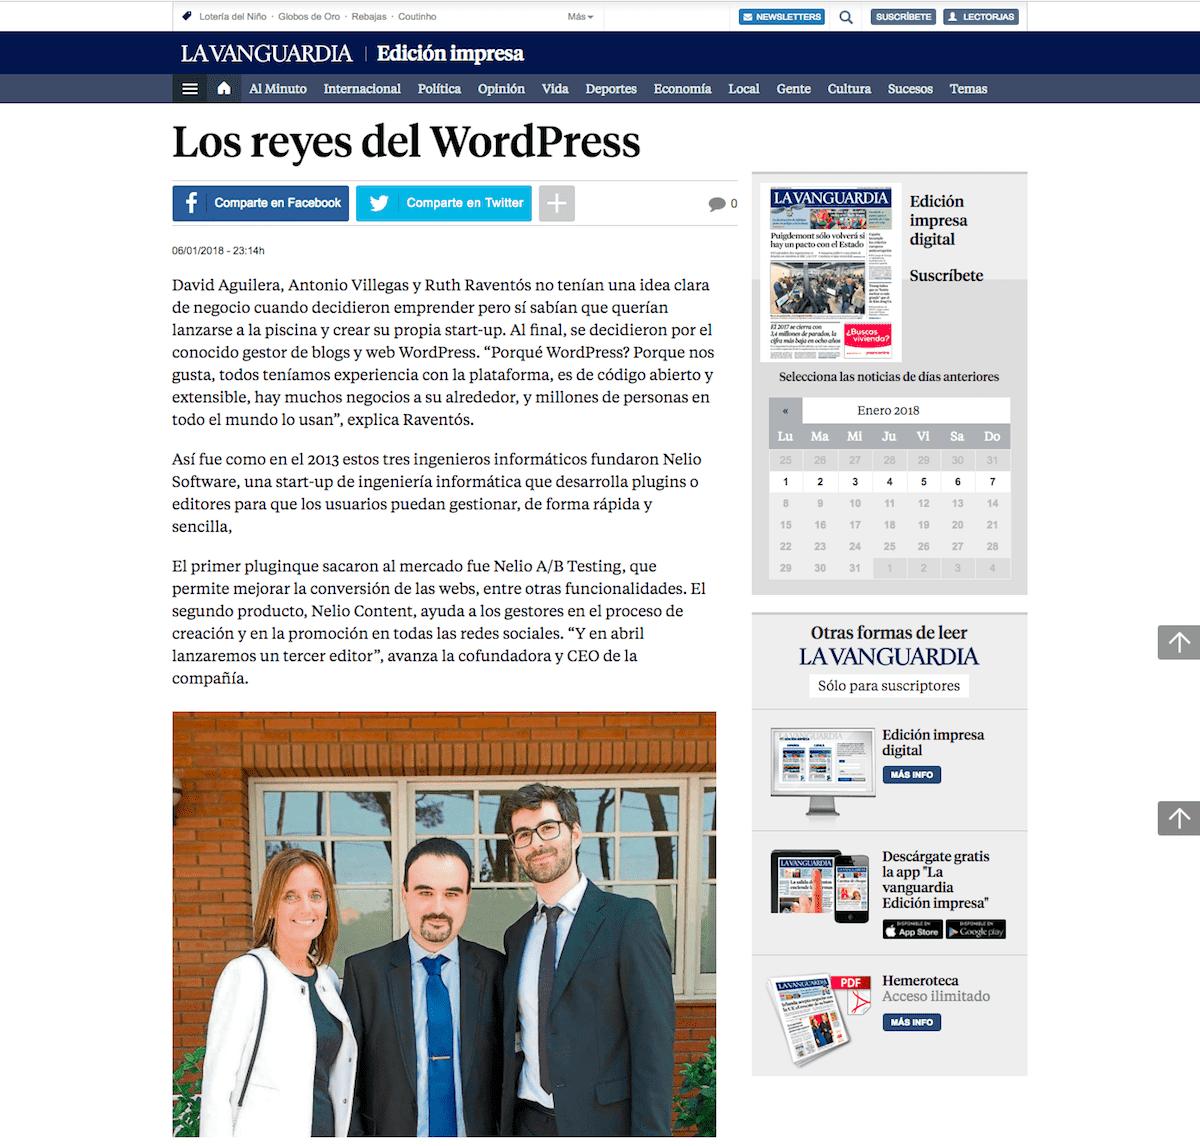 Los reyes del WordPress en La Vanguardia